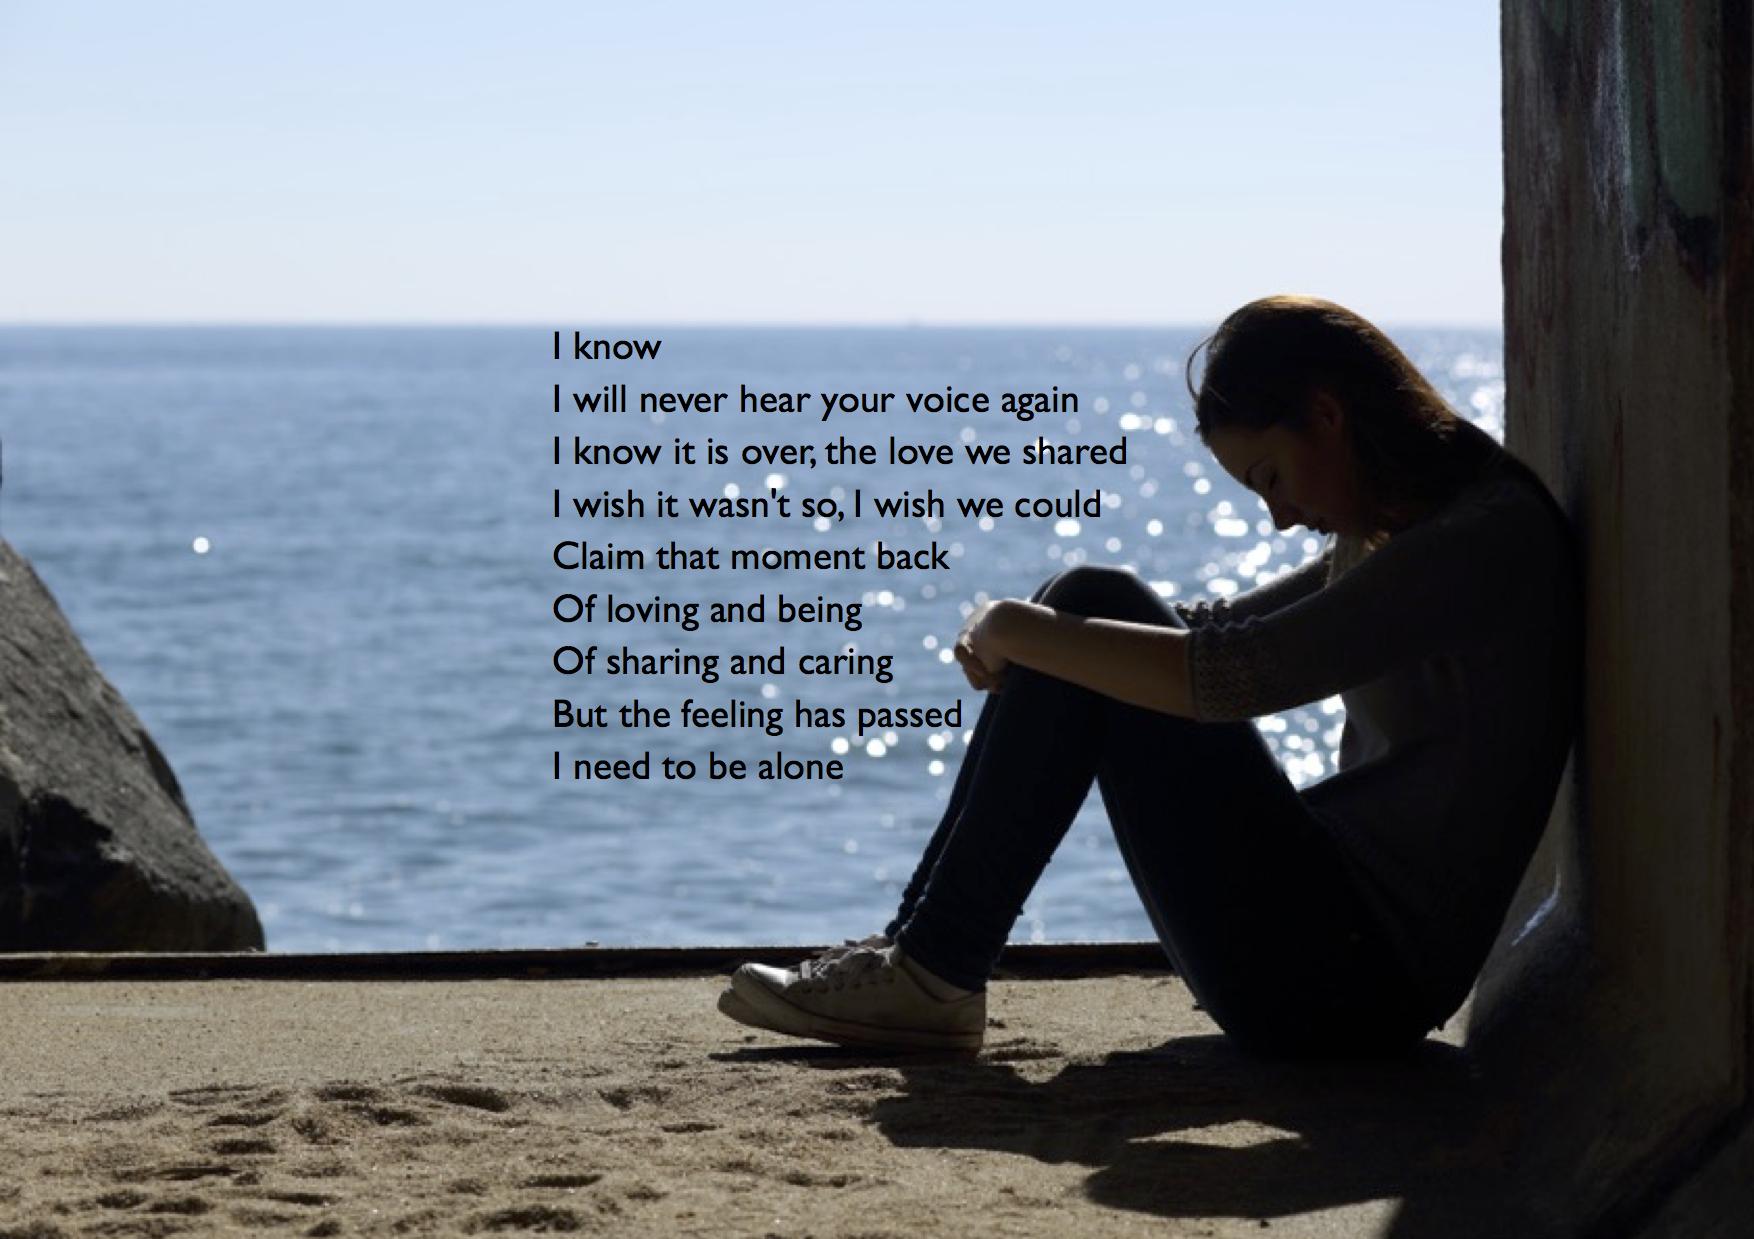 Feeling Alone Poems 2